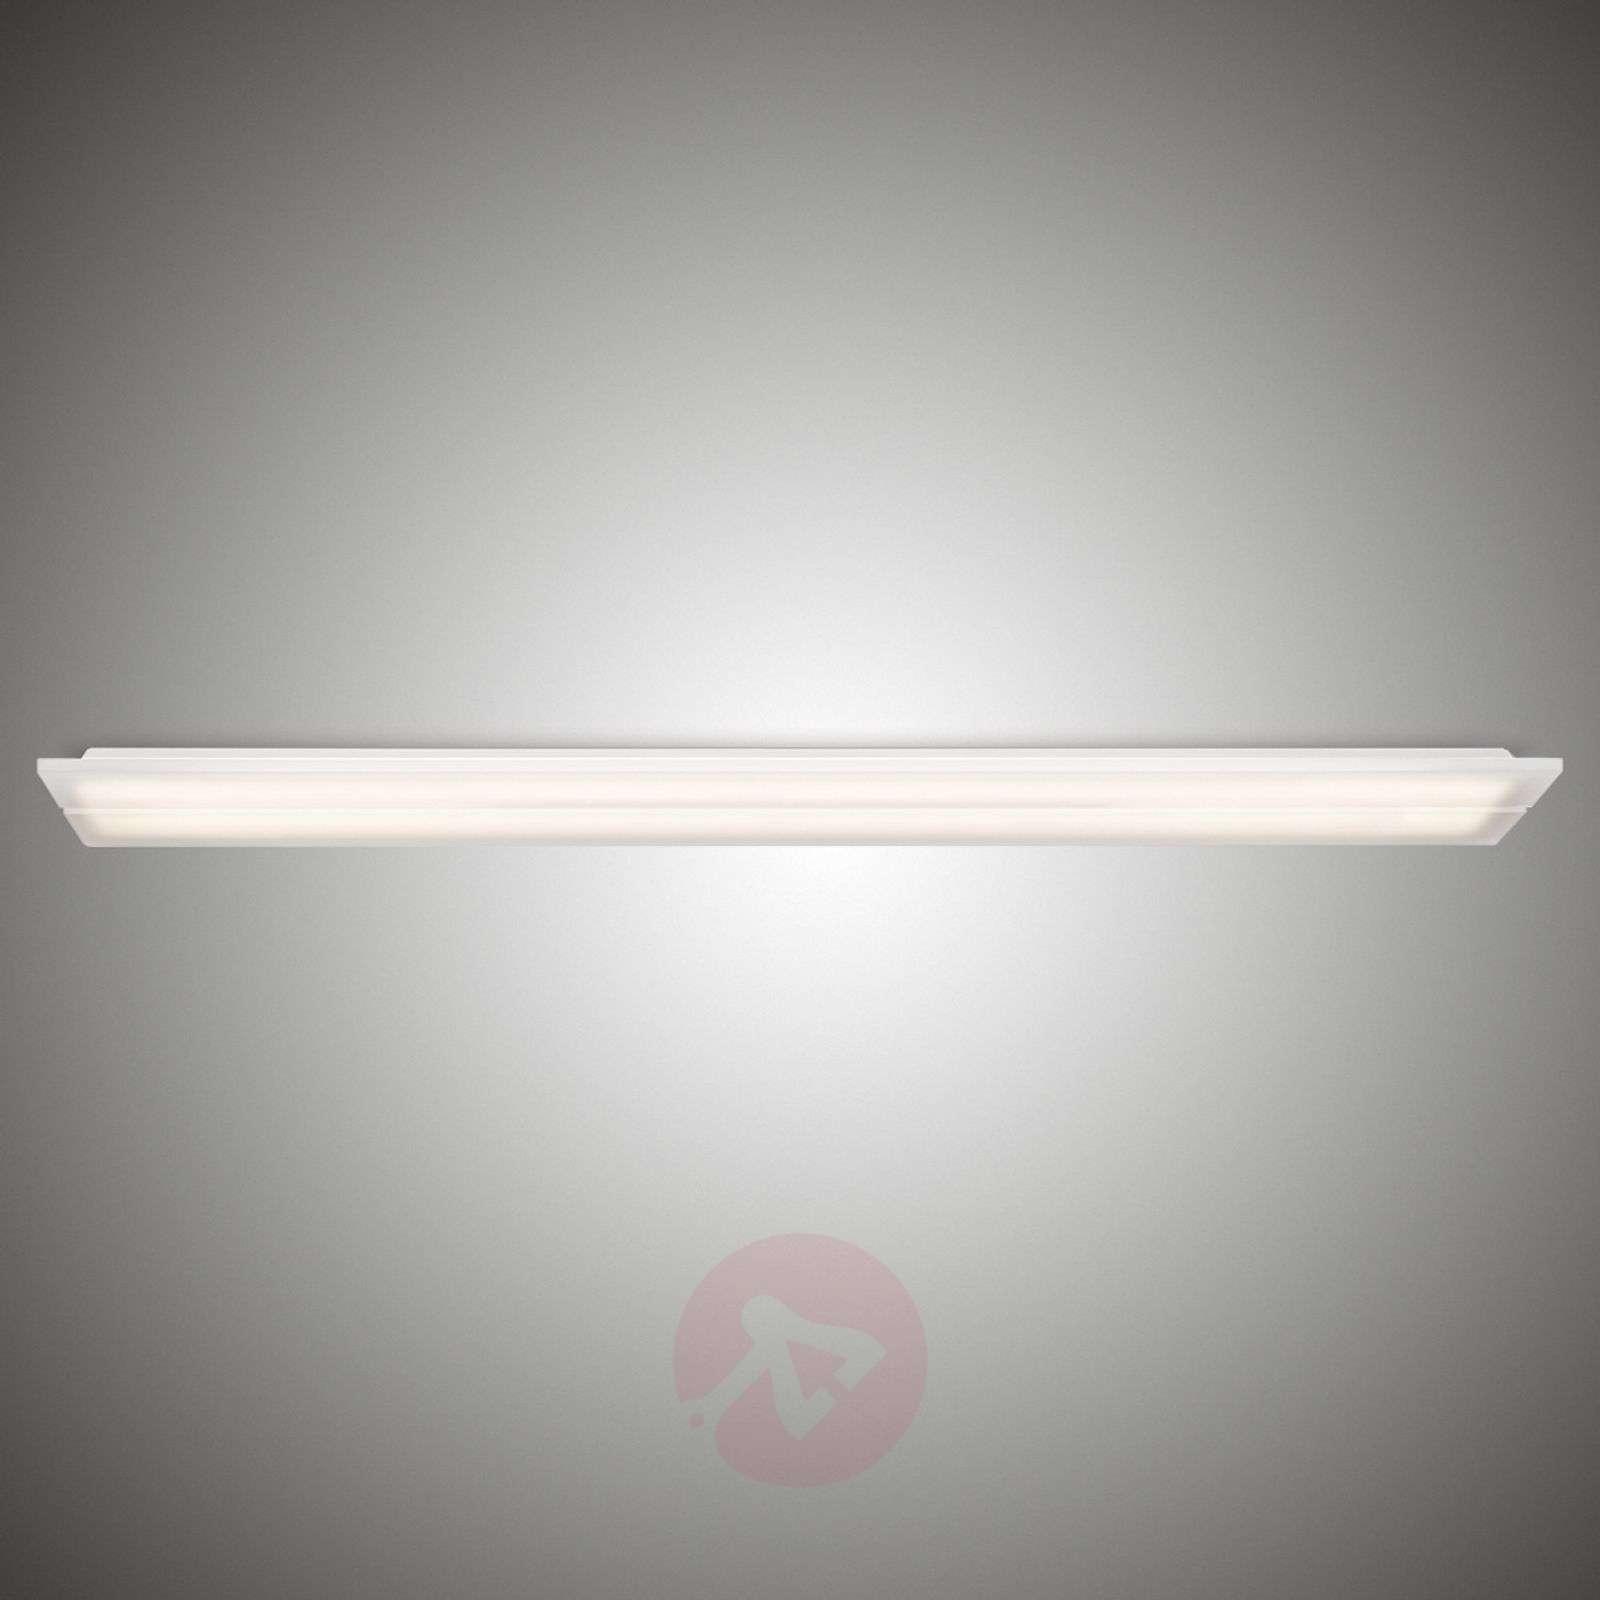 Long led ceiling light kite 128 cm lights.ie